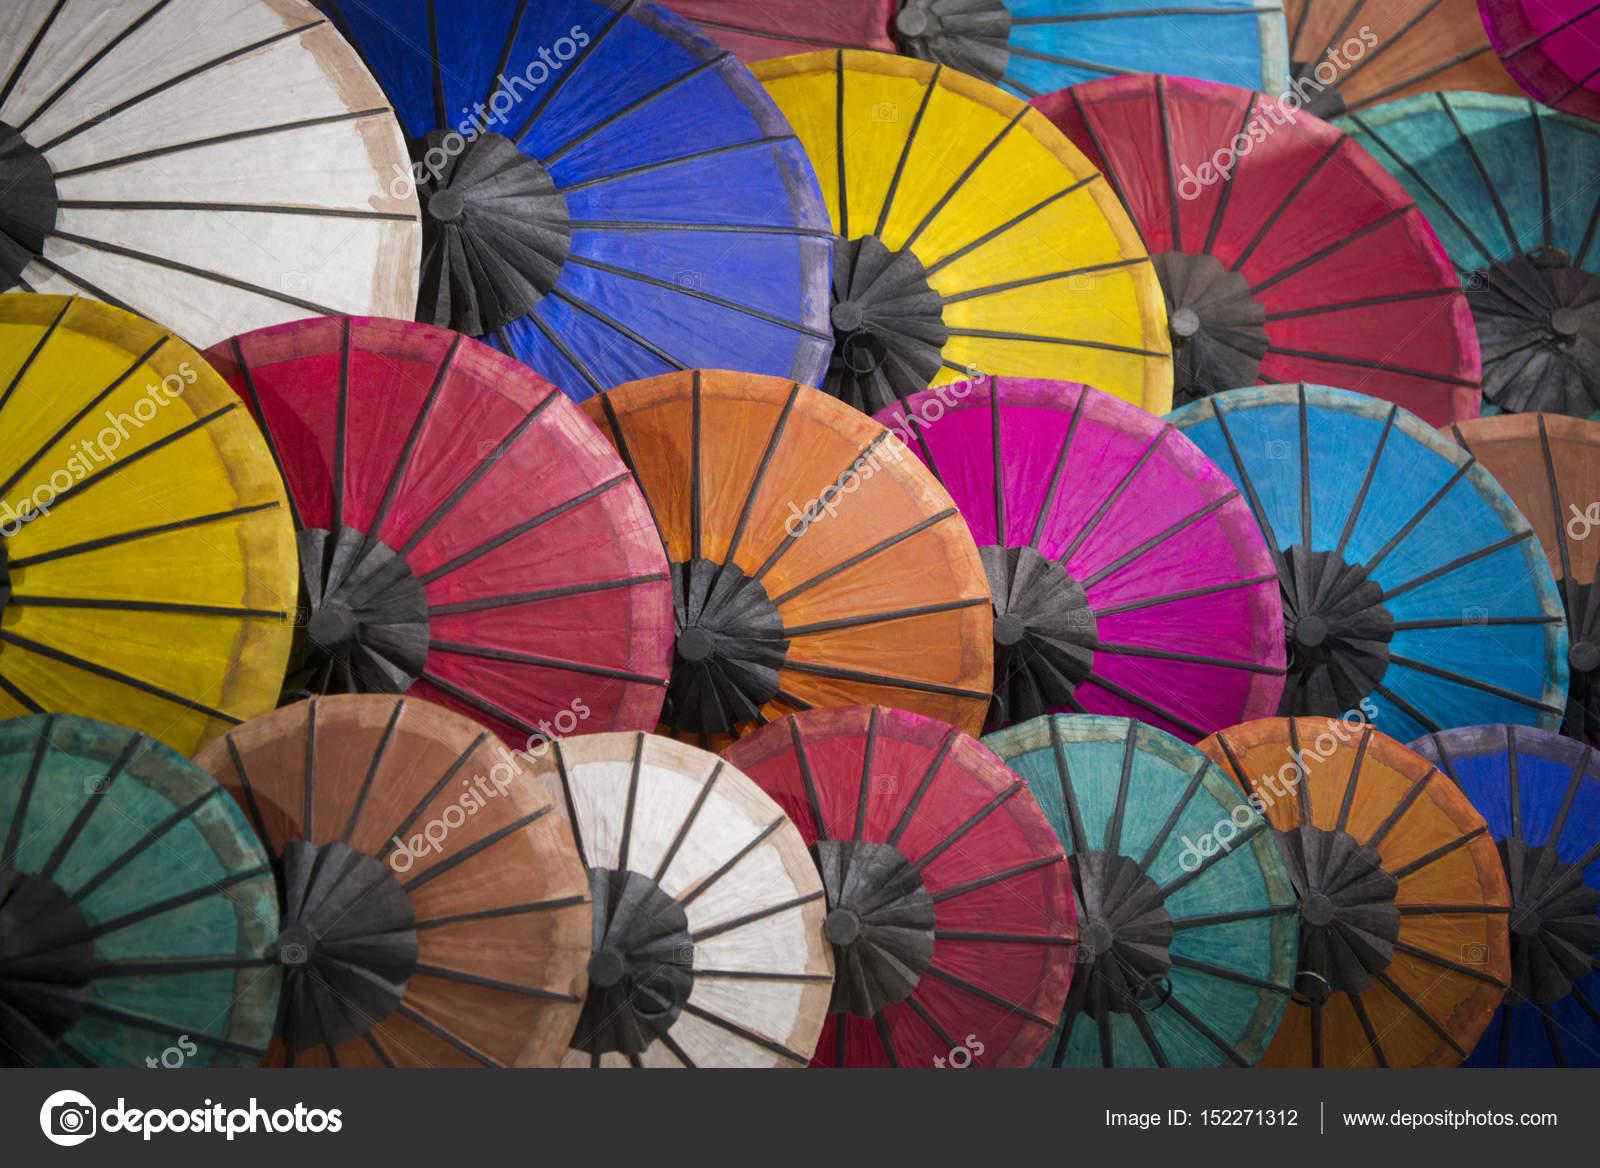 Asiatische Sonnenschirme asiatische sonnenschirme auf dem nachtmarkt stockfoto urf 152271312